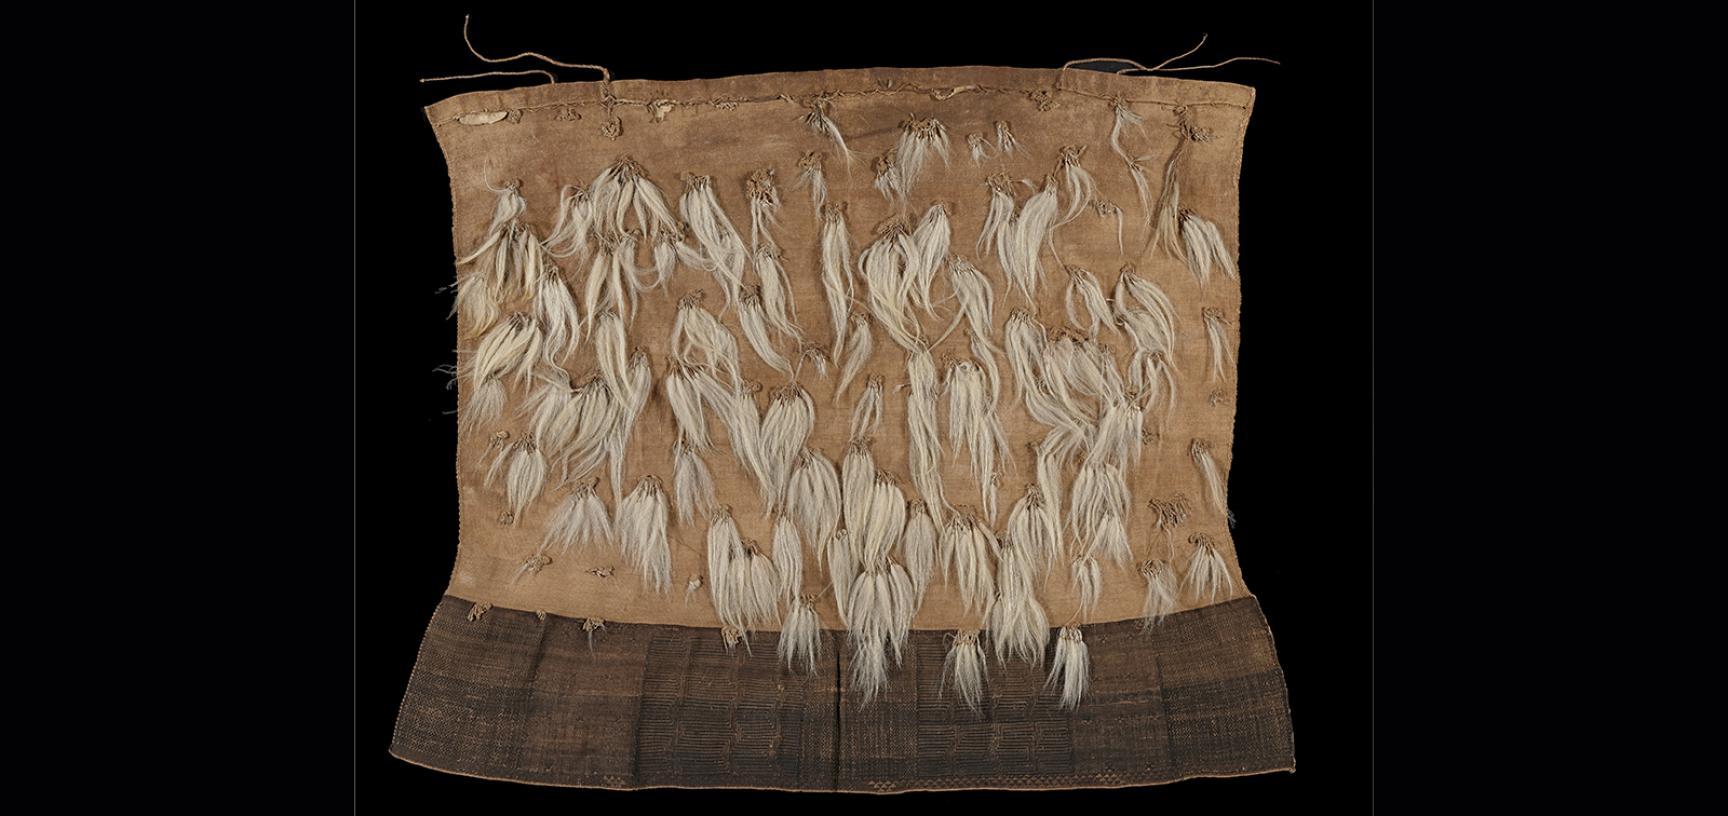 Dog hair cloak (1886.21.19)